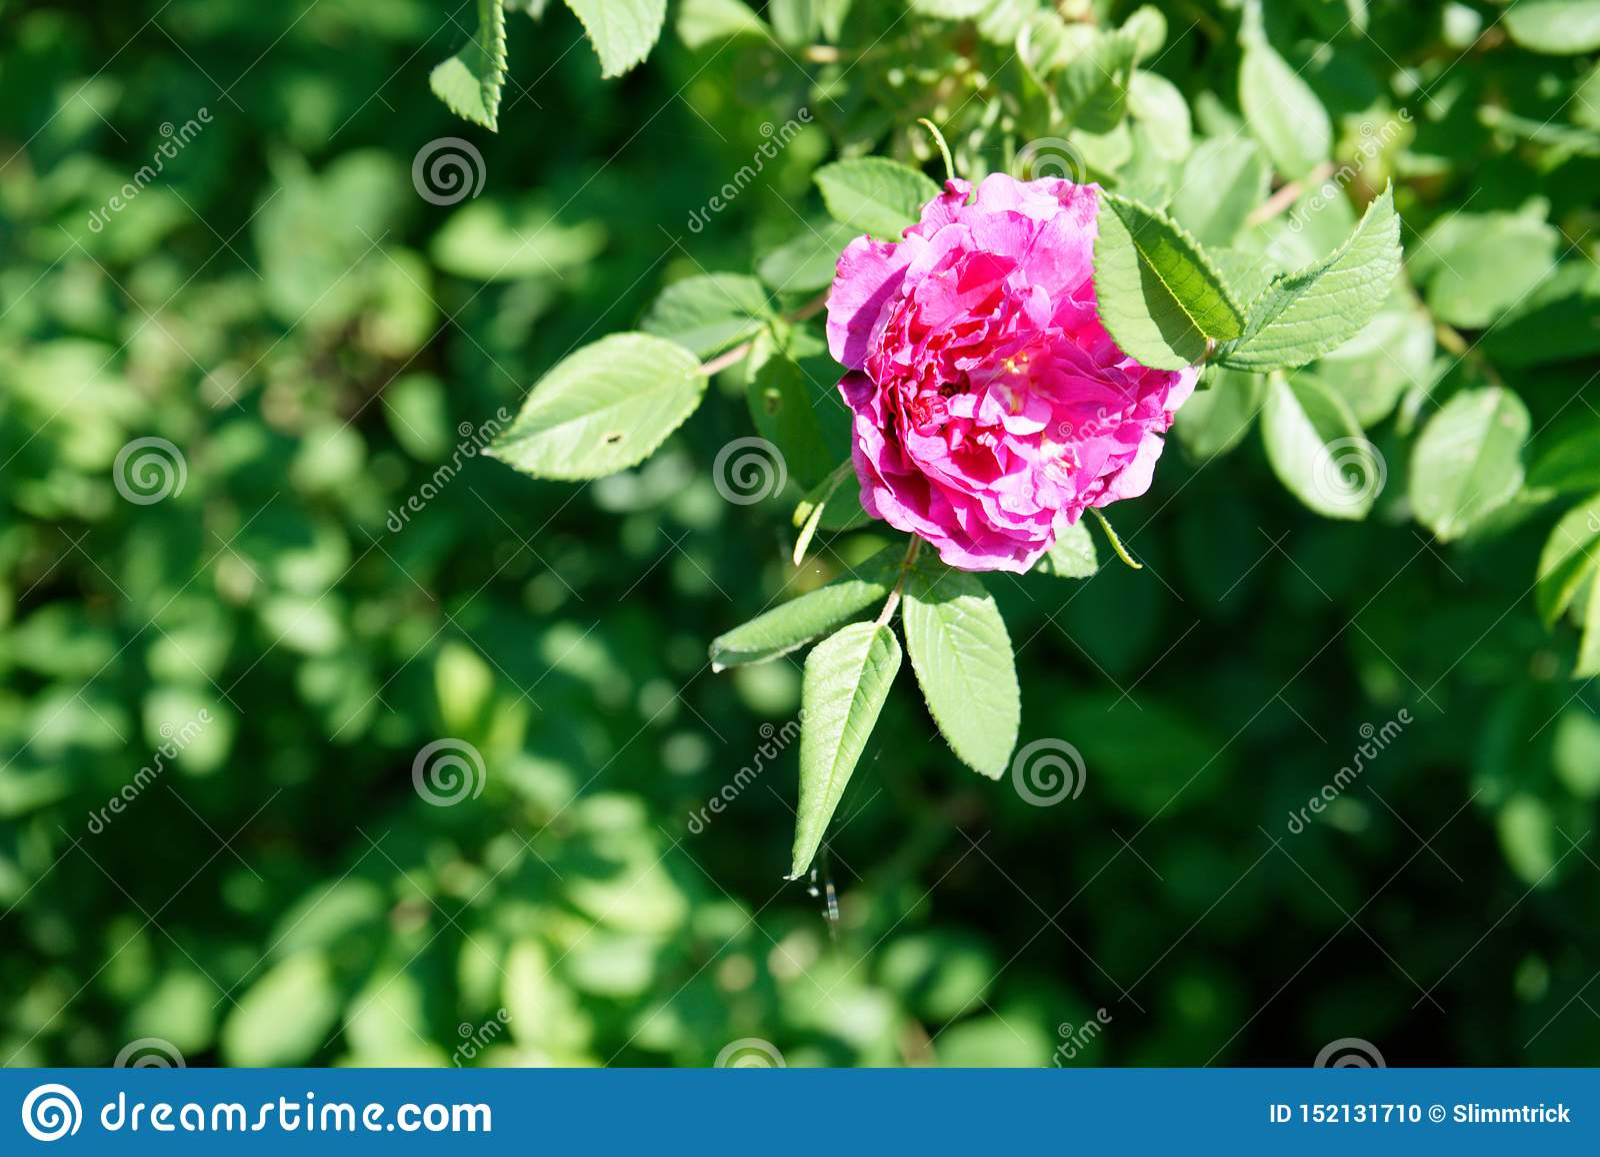 明亮的玫瑰色装饰野玫瑰果特写镜头